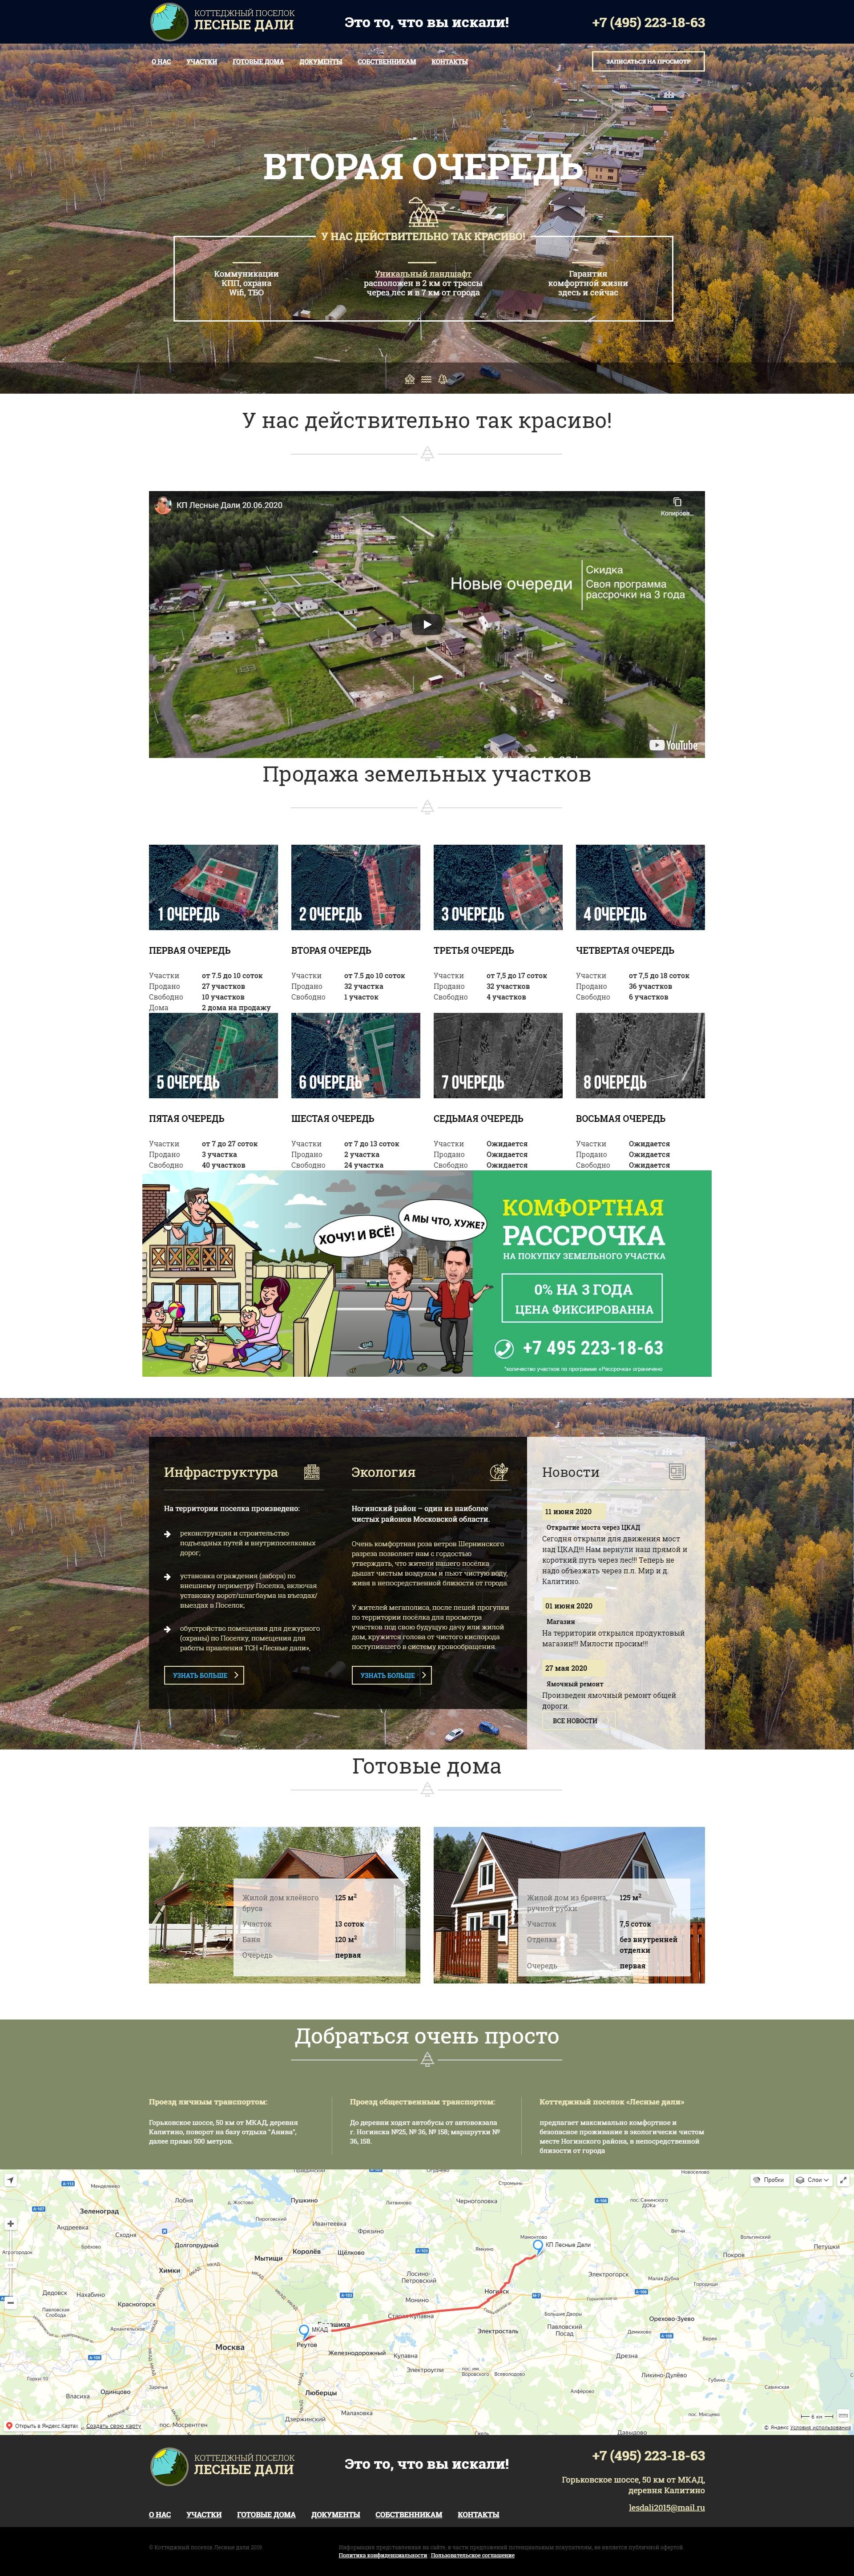 Создание сайтов в лесном создание сайтов в aspx